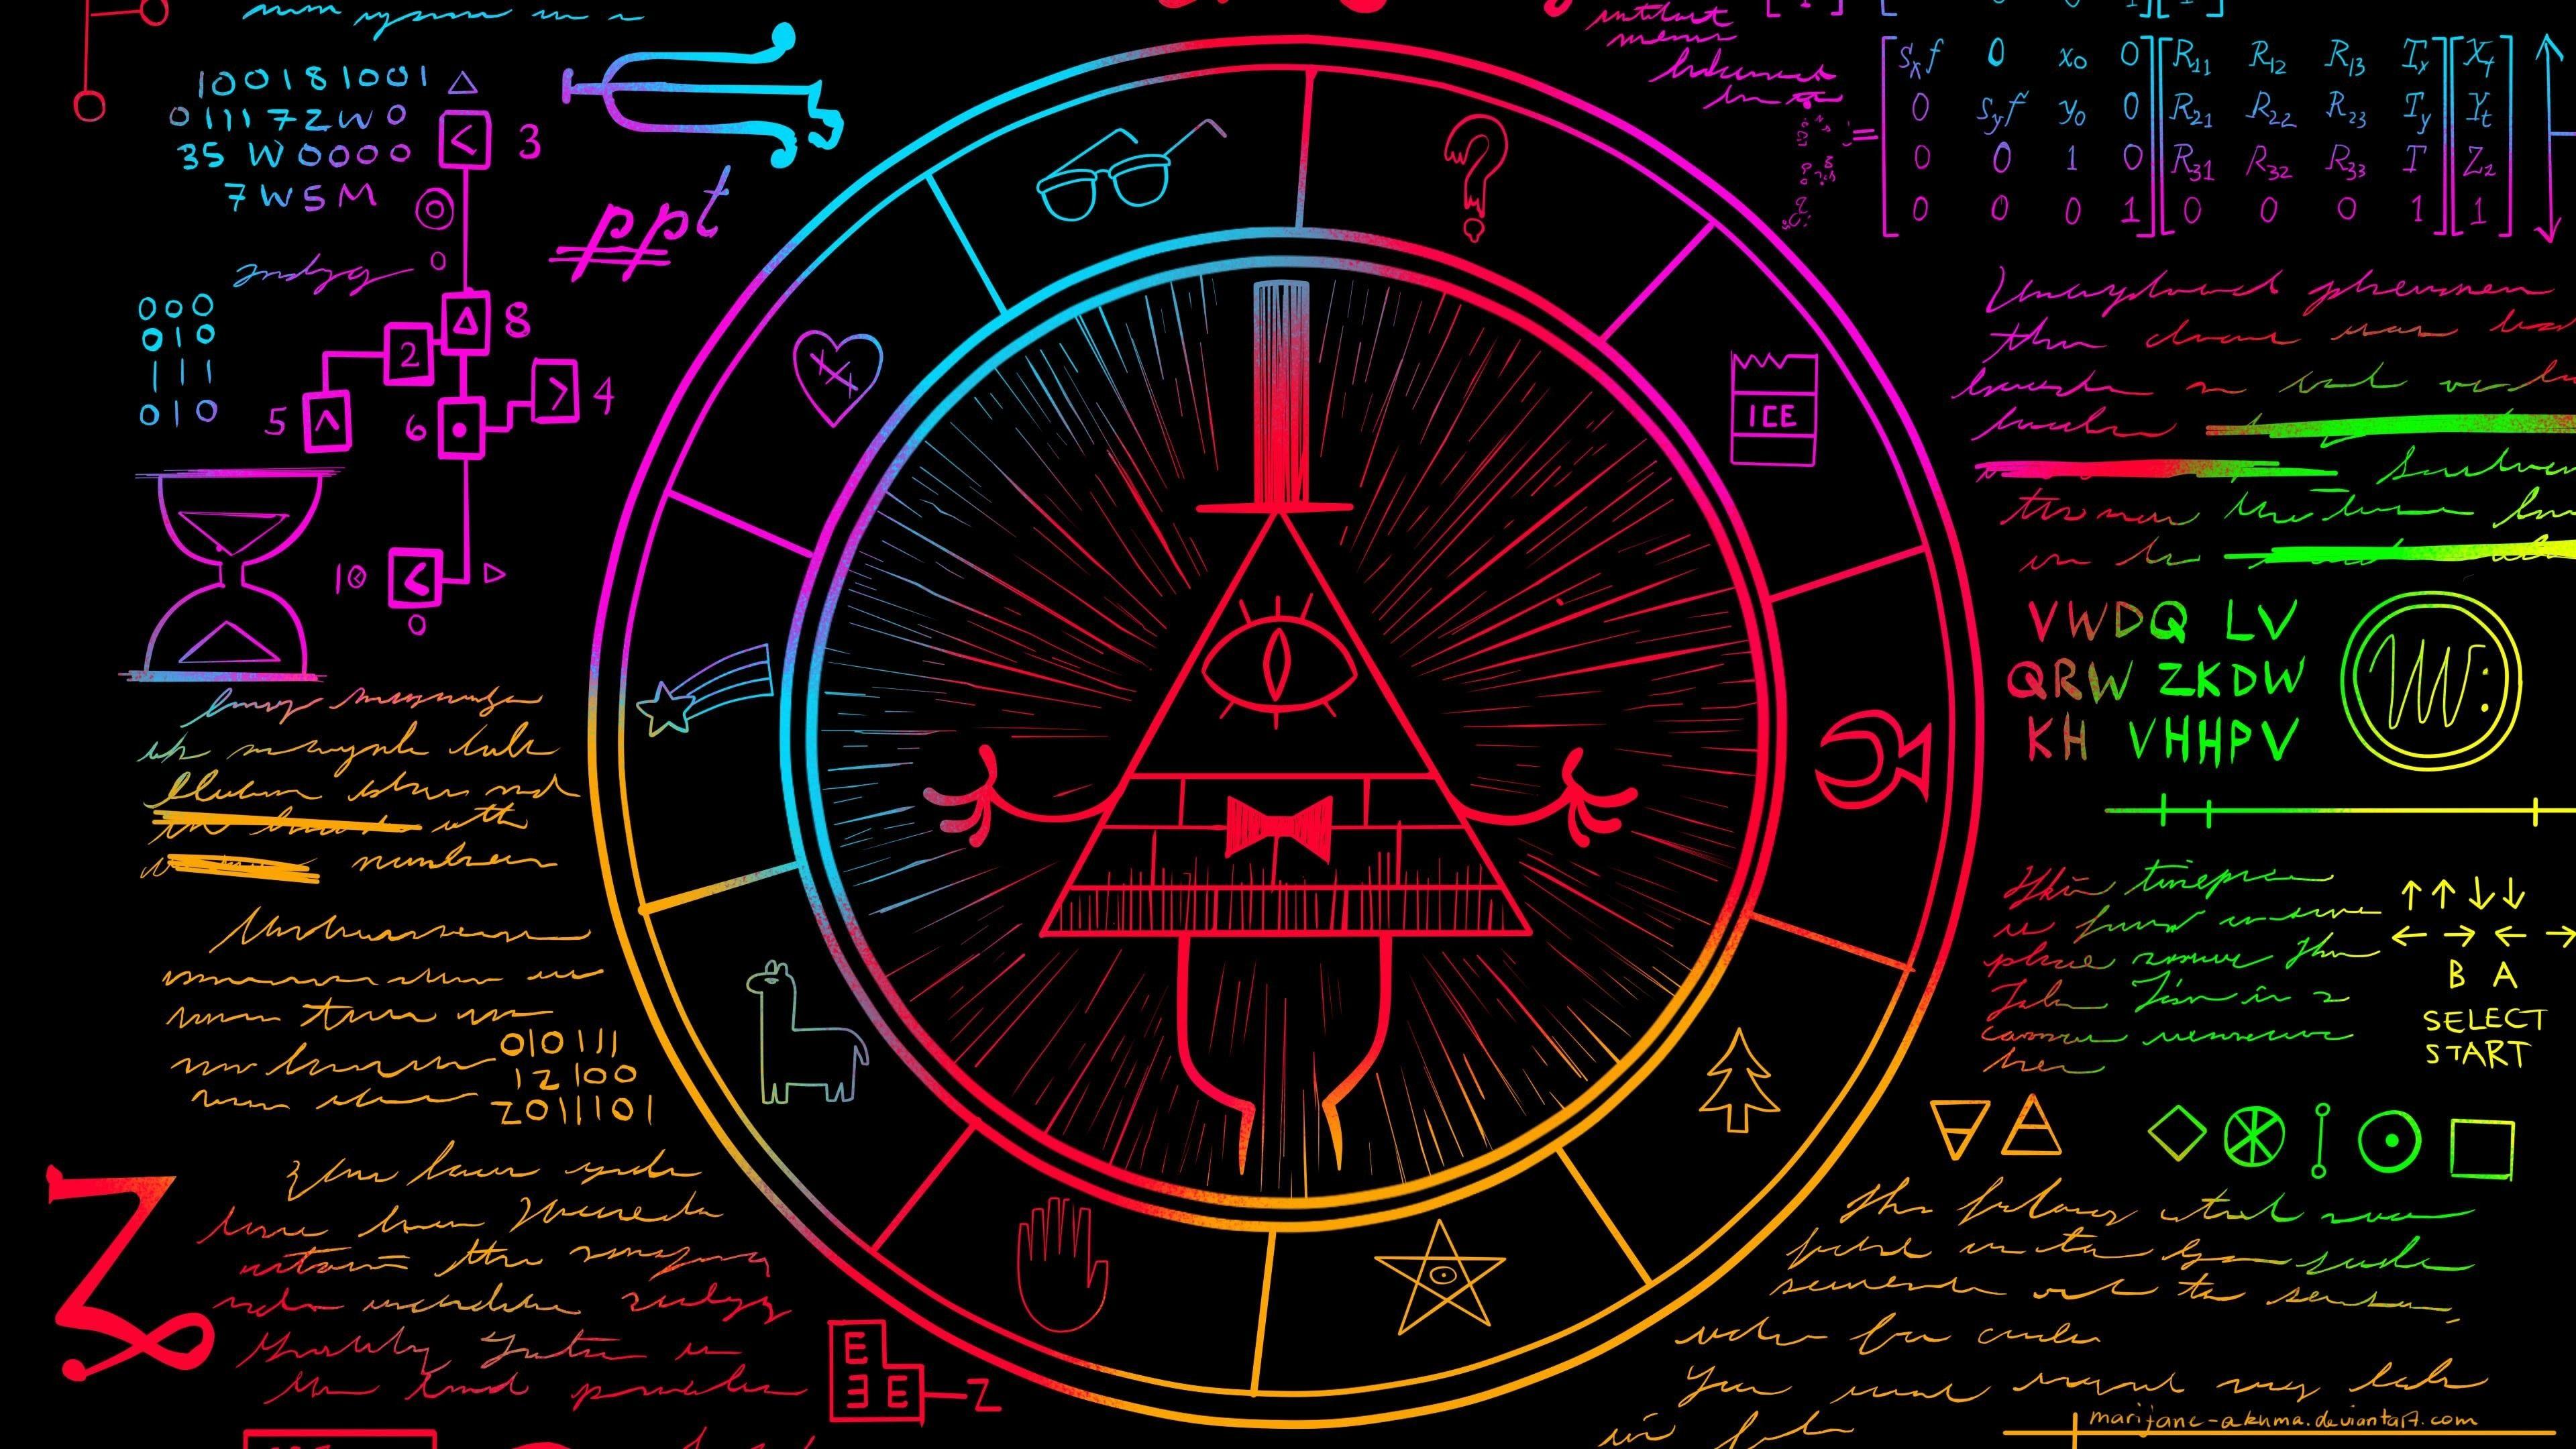 Inspirational Illuminati Images Hd Imagem De Fundo De Computador Papel De Parede Pc Papel De Parede Computador